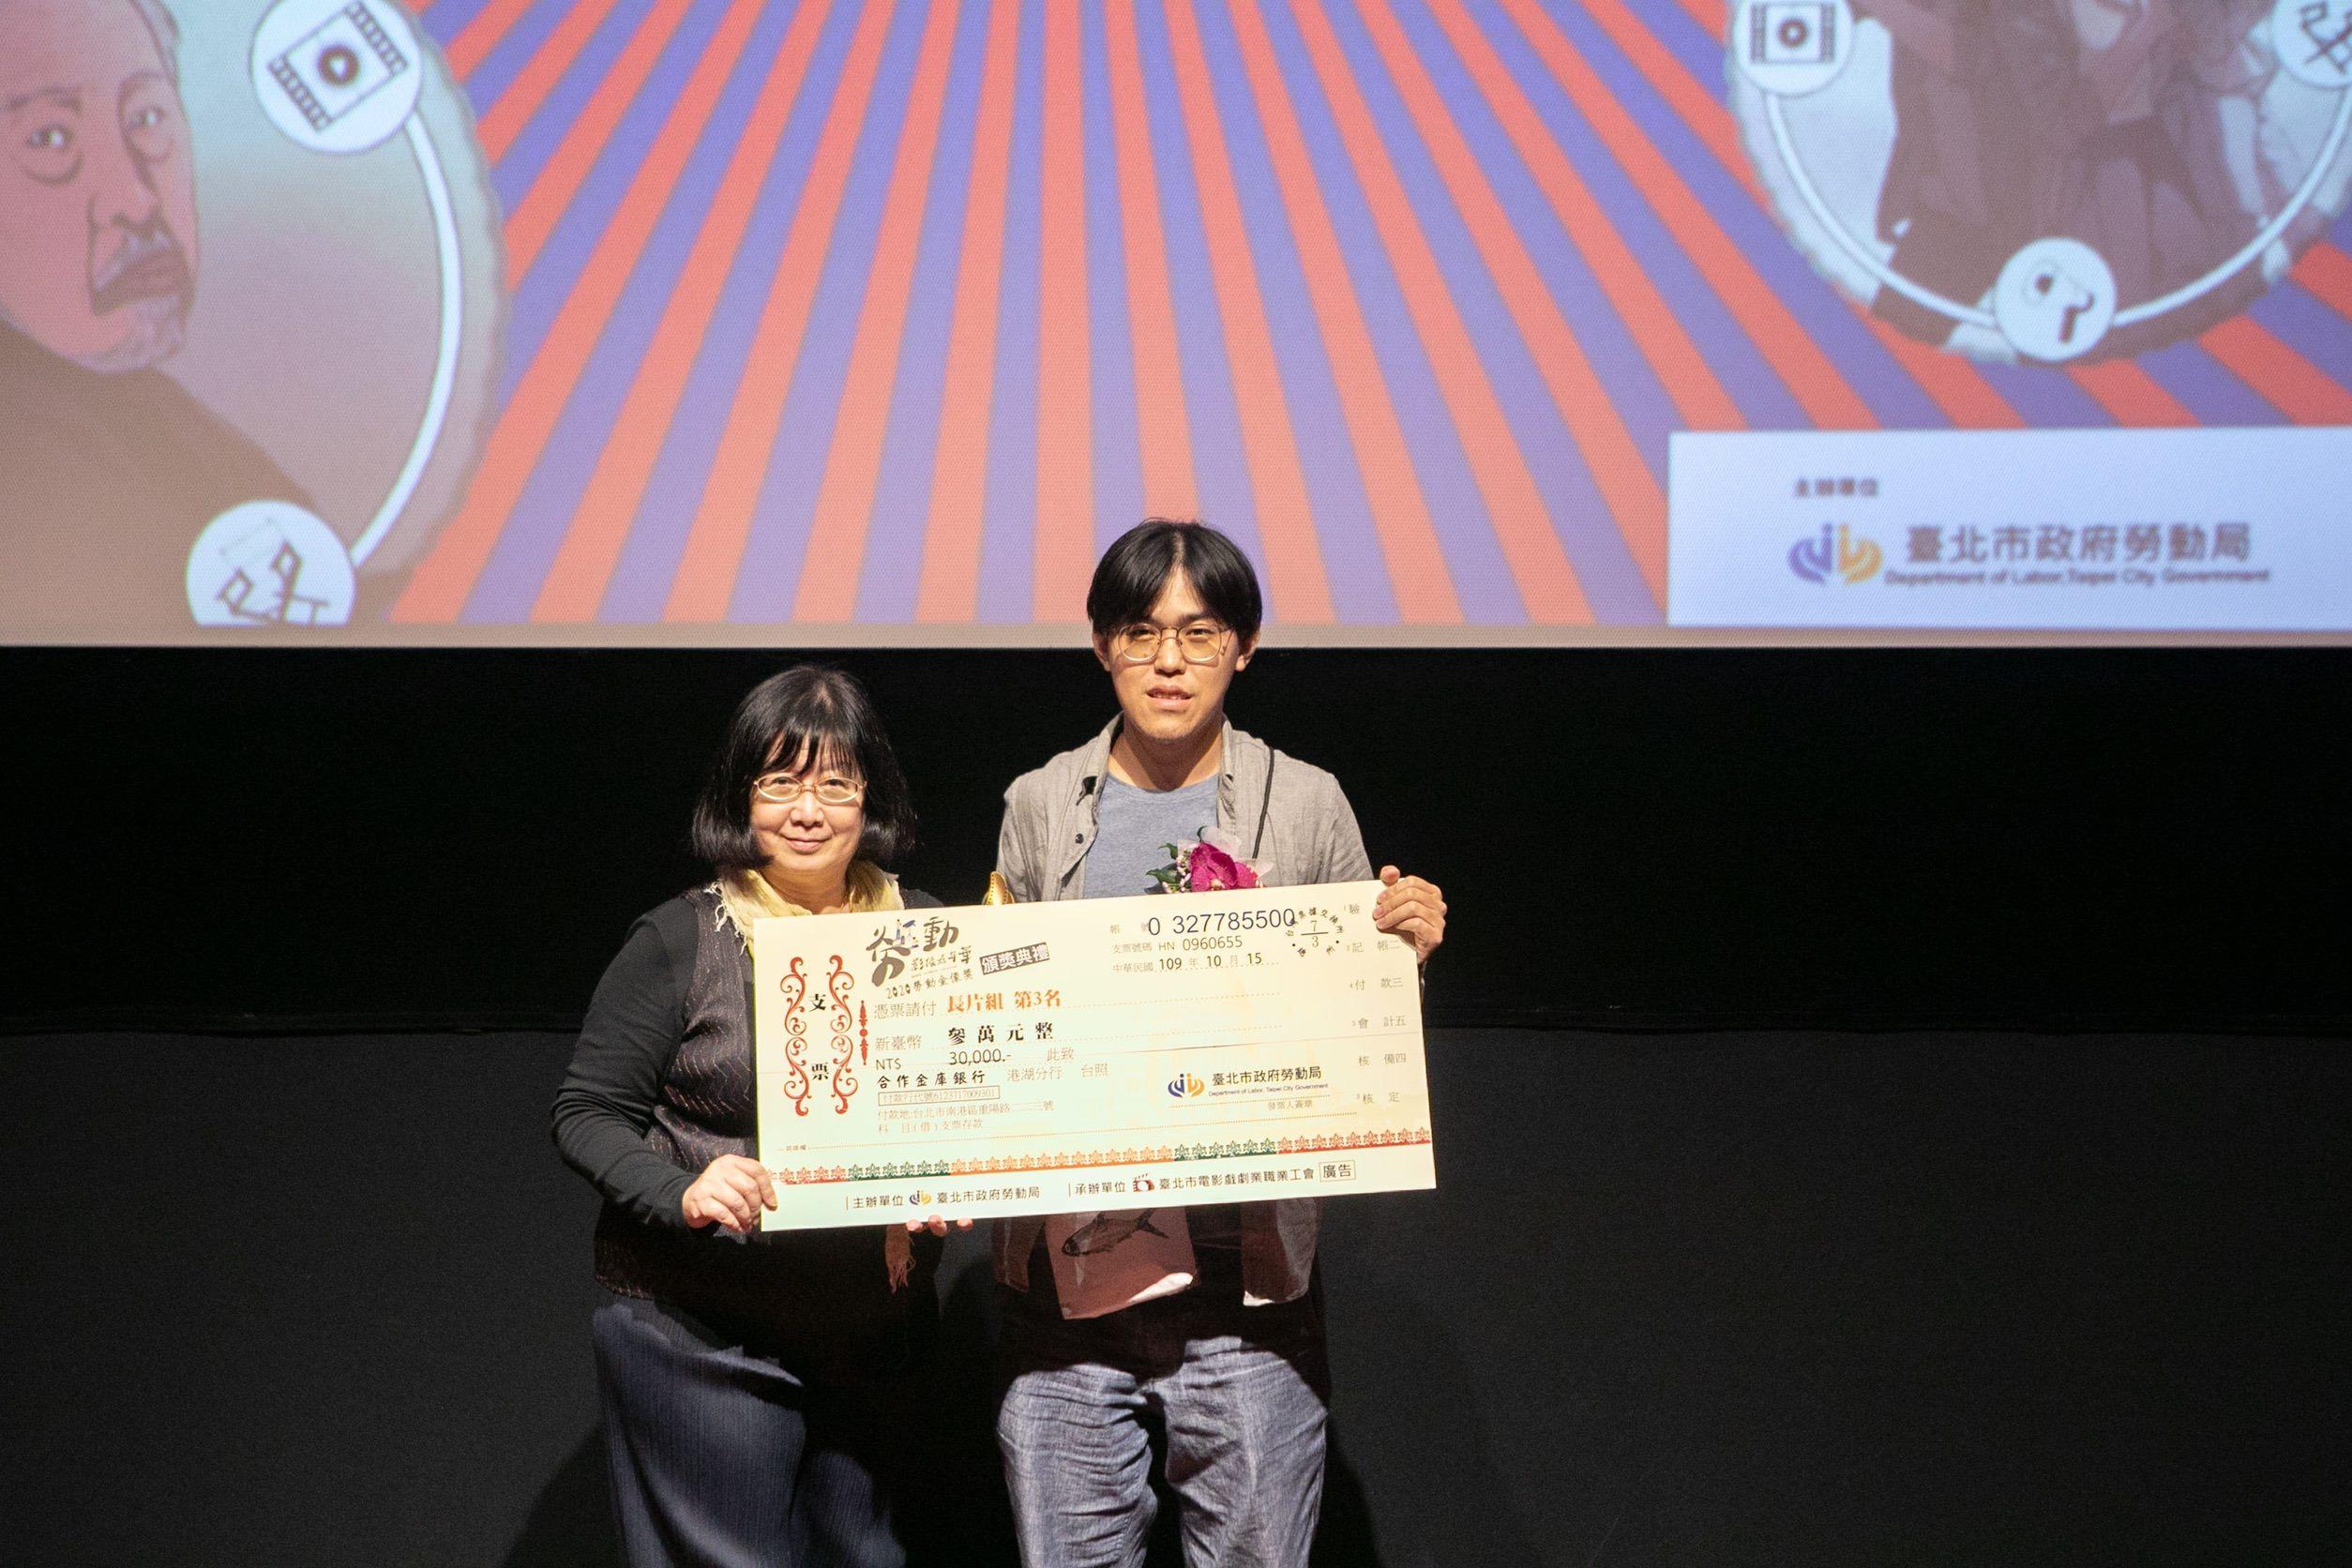 盧悅珠評審頒發長片組第3名予賴韋勳執導《30歲的高中同學》